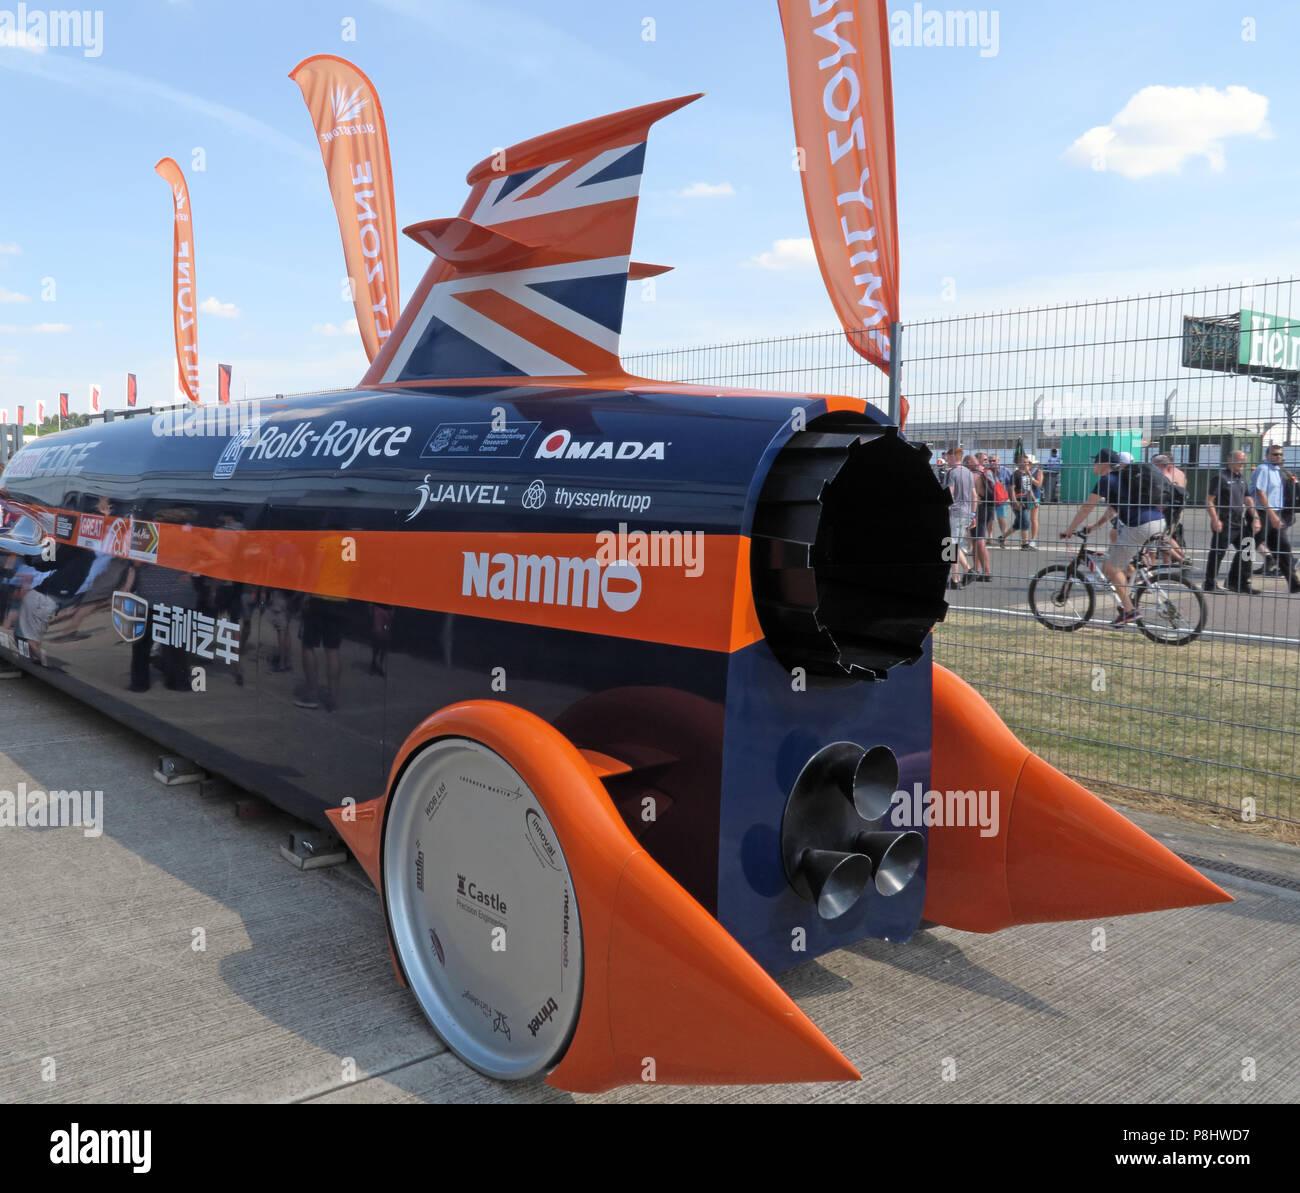 Dieses Stockfoto: Bloodhound SSC jet Auto, jetzt LSR, British supersonic Fahrzeug zu Land, in Silverstone Rennstrecke, UTC, Silverstone, Towcester, England, NN12 8TL - P8HWD7